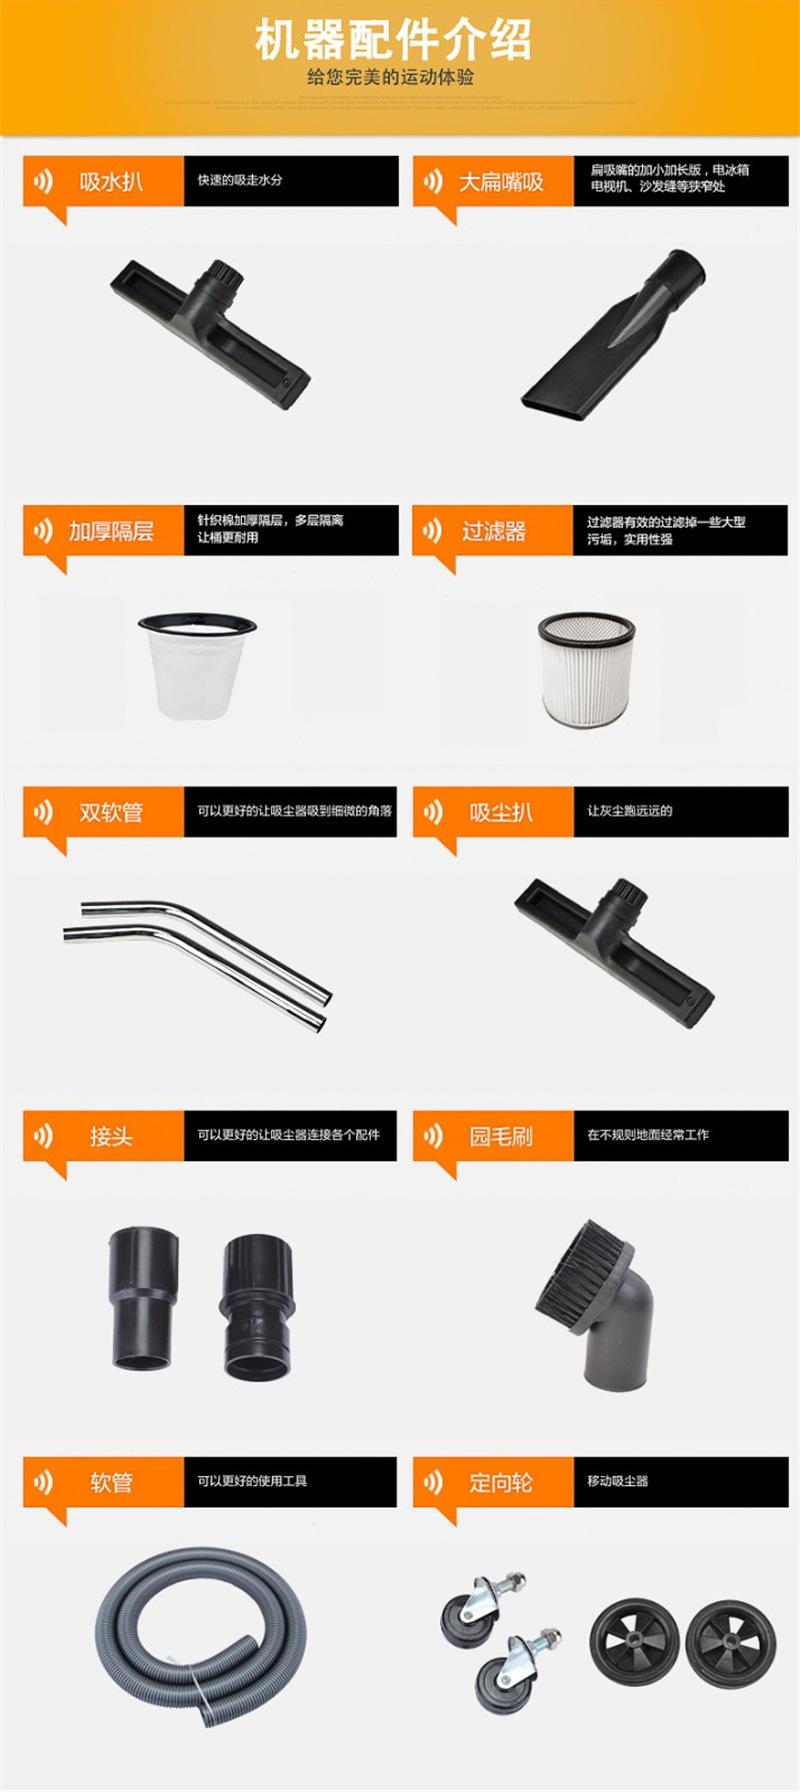 生产厂家直销工业移动式吸尘器 集尘机 固定式吸尘器 双桶吸尘器示例图5